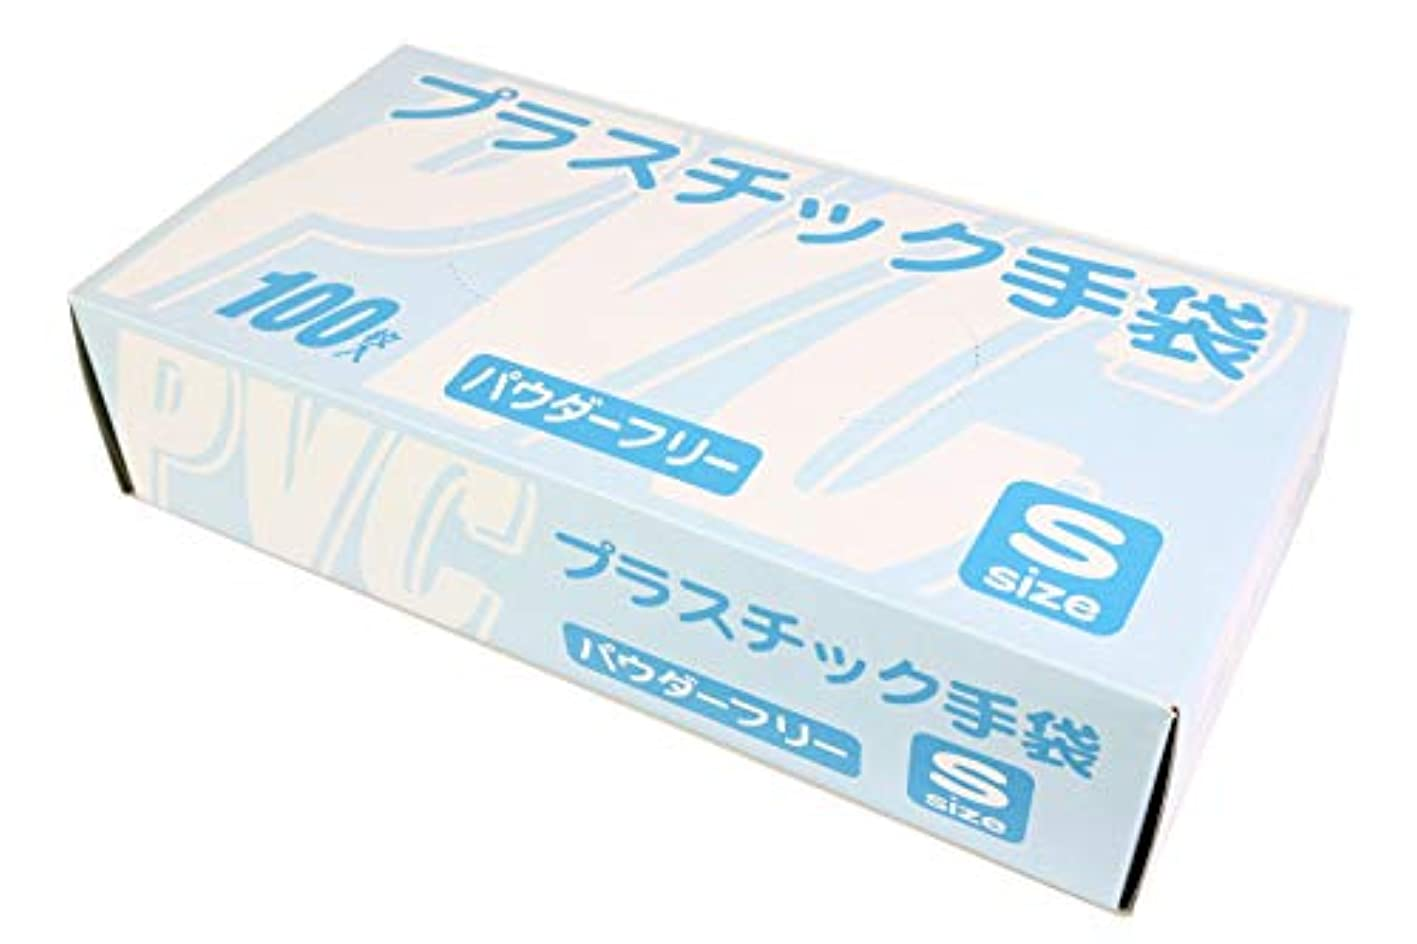 ケーブル中絶愛撫使い捨て手袋 プラスチックグローブ 粉なし(パウダーフリー) Sサイズ 100枚入 超薄手 破れにくい 100411